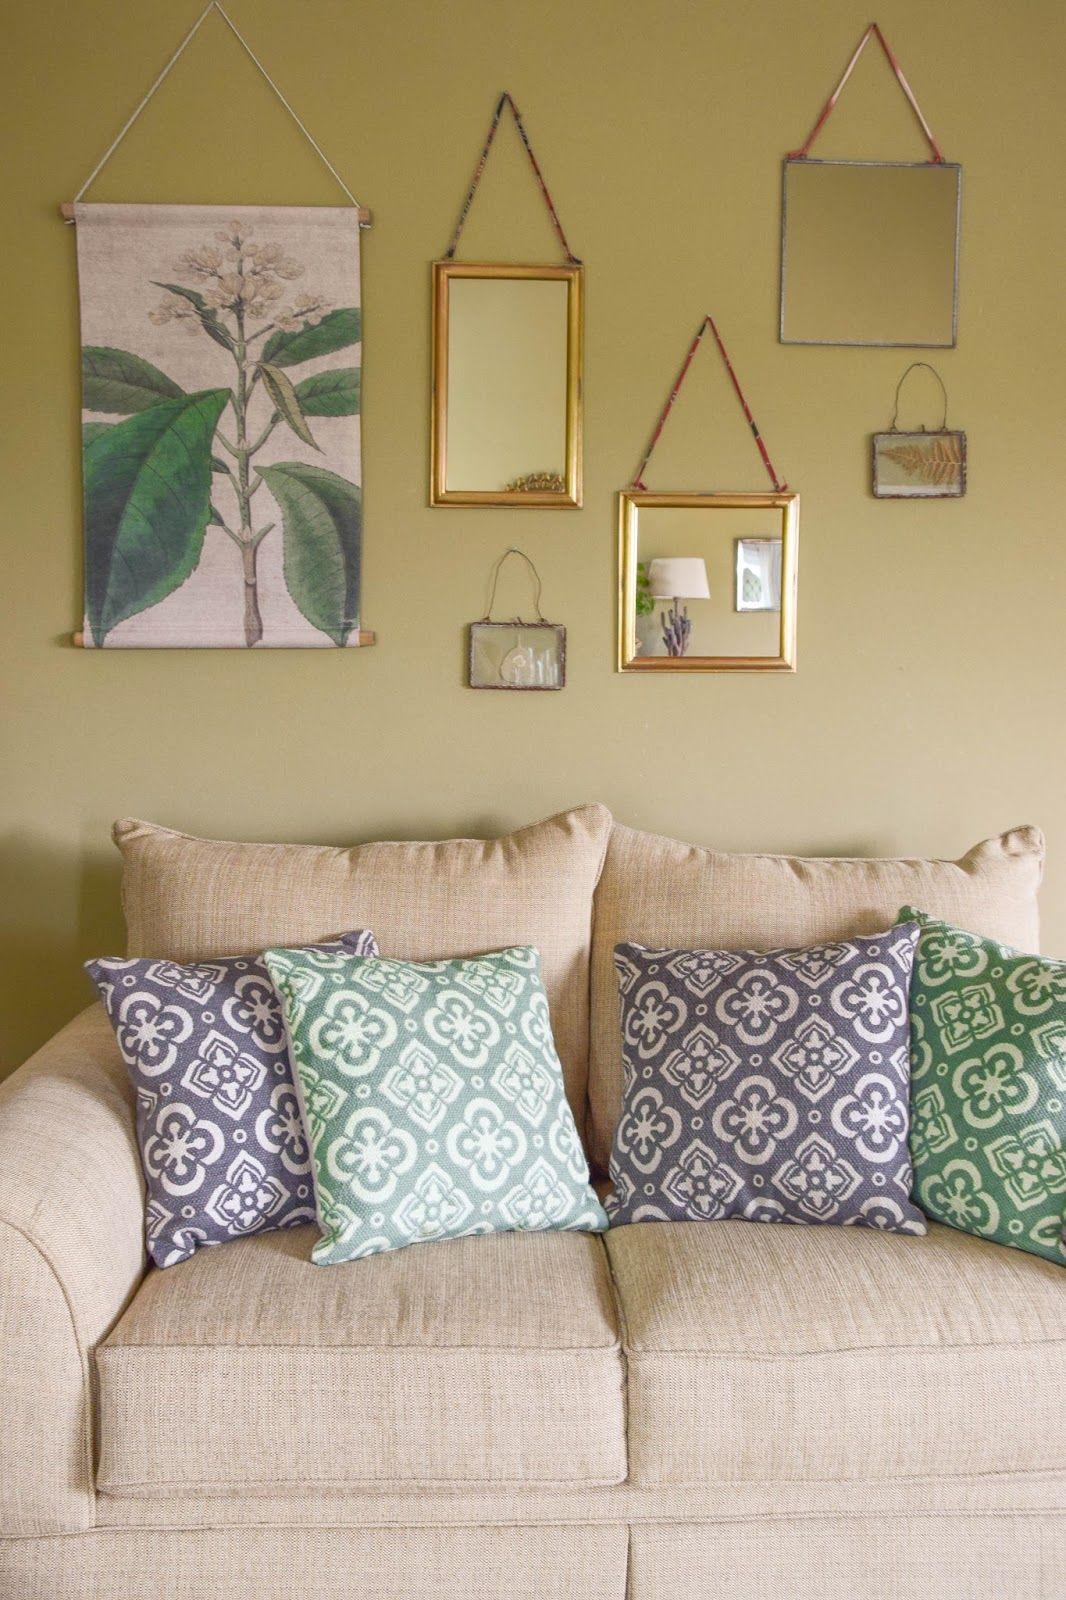 Nostalgische Schaubilder Und Spiegel   Kreative Wandgestaltung! | Deko:  Ideen Und Tipps Für Ein Schönes Zuhause | Pinterest | Wand, Dekoration And  Interiors